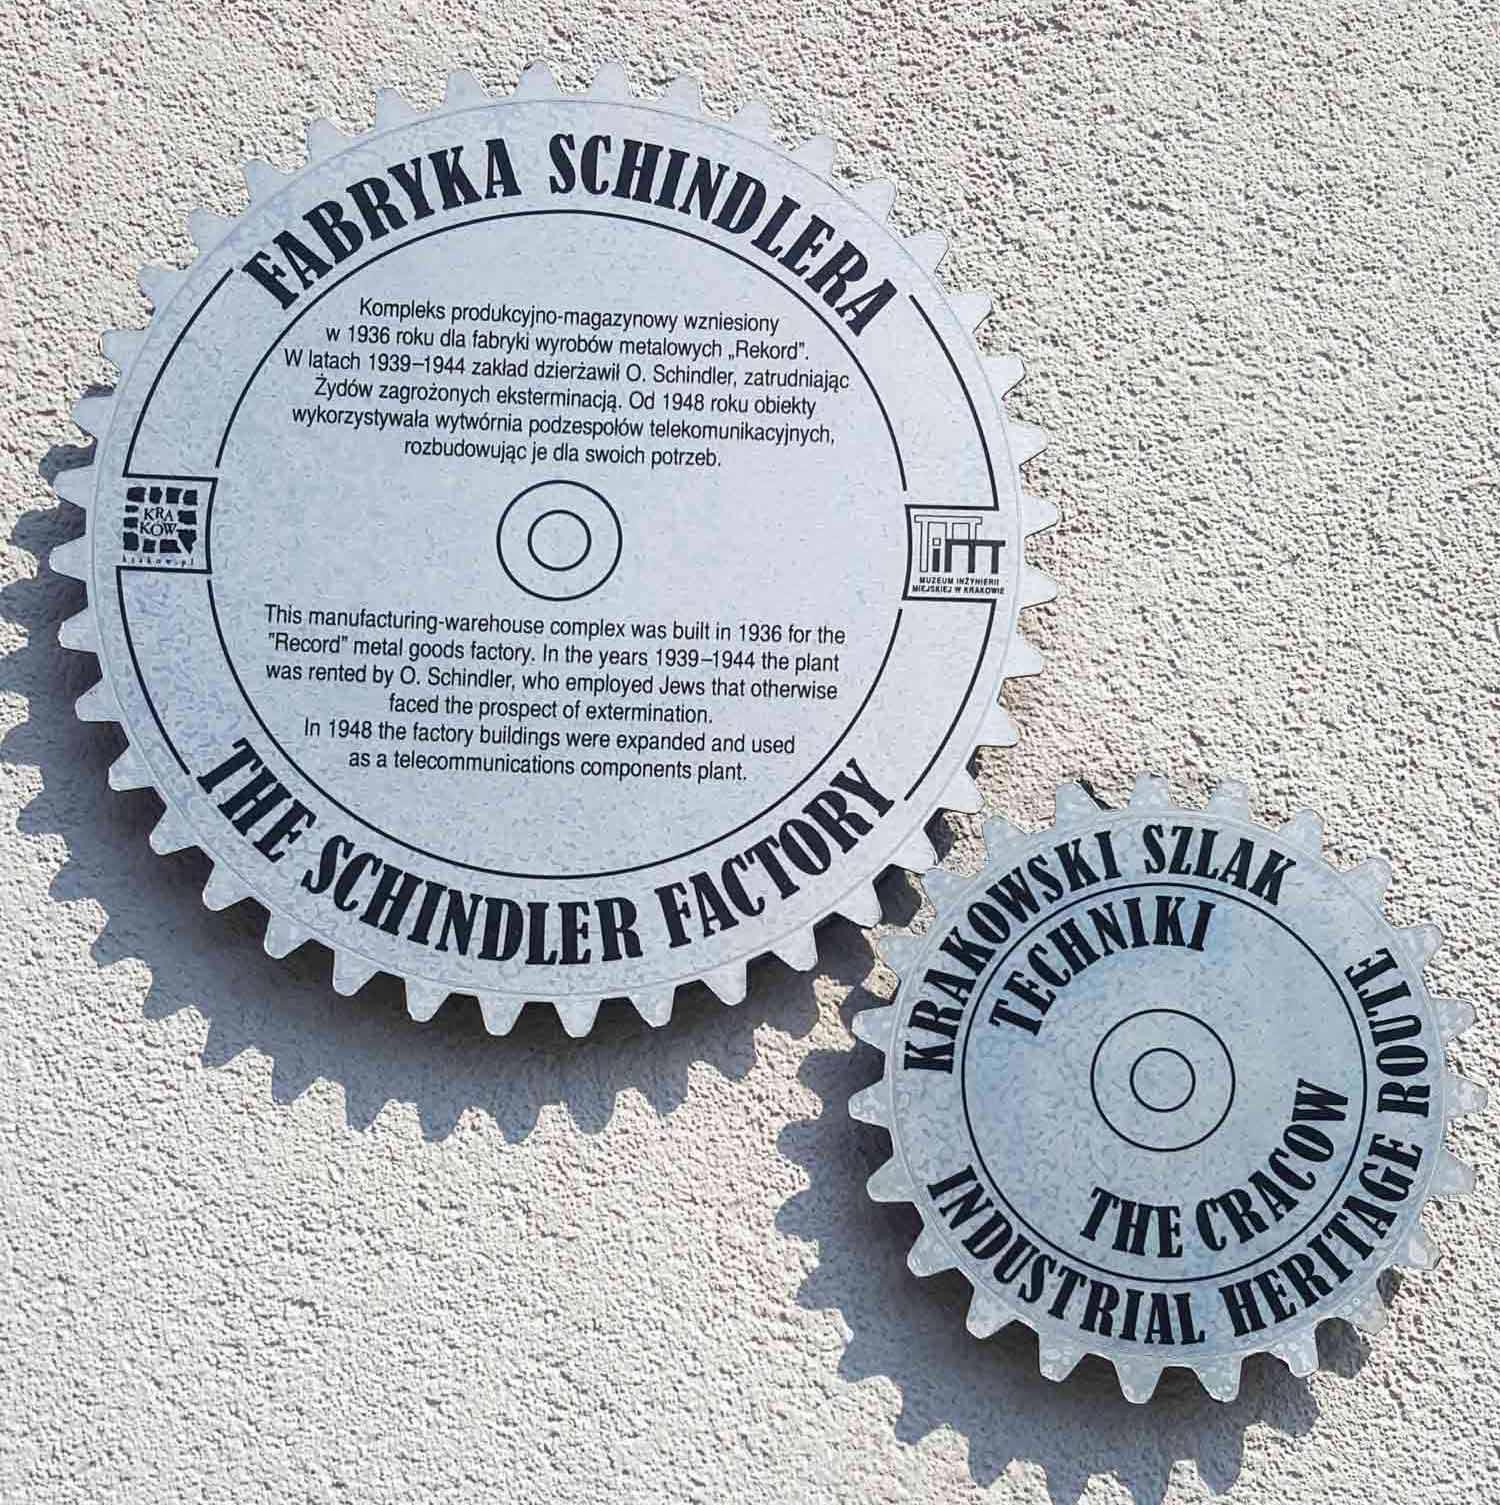 In Krakau kannst du die originale Emaillefabrik von Oskar Schindler besichtigen! #polen #krakau #museum #tipps